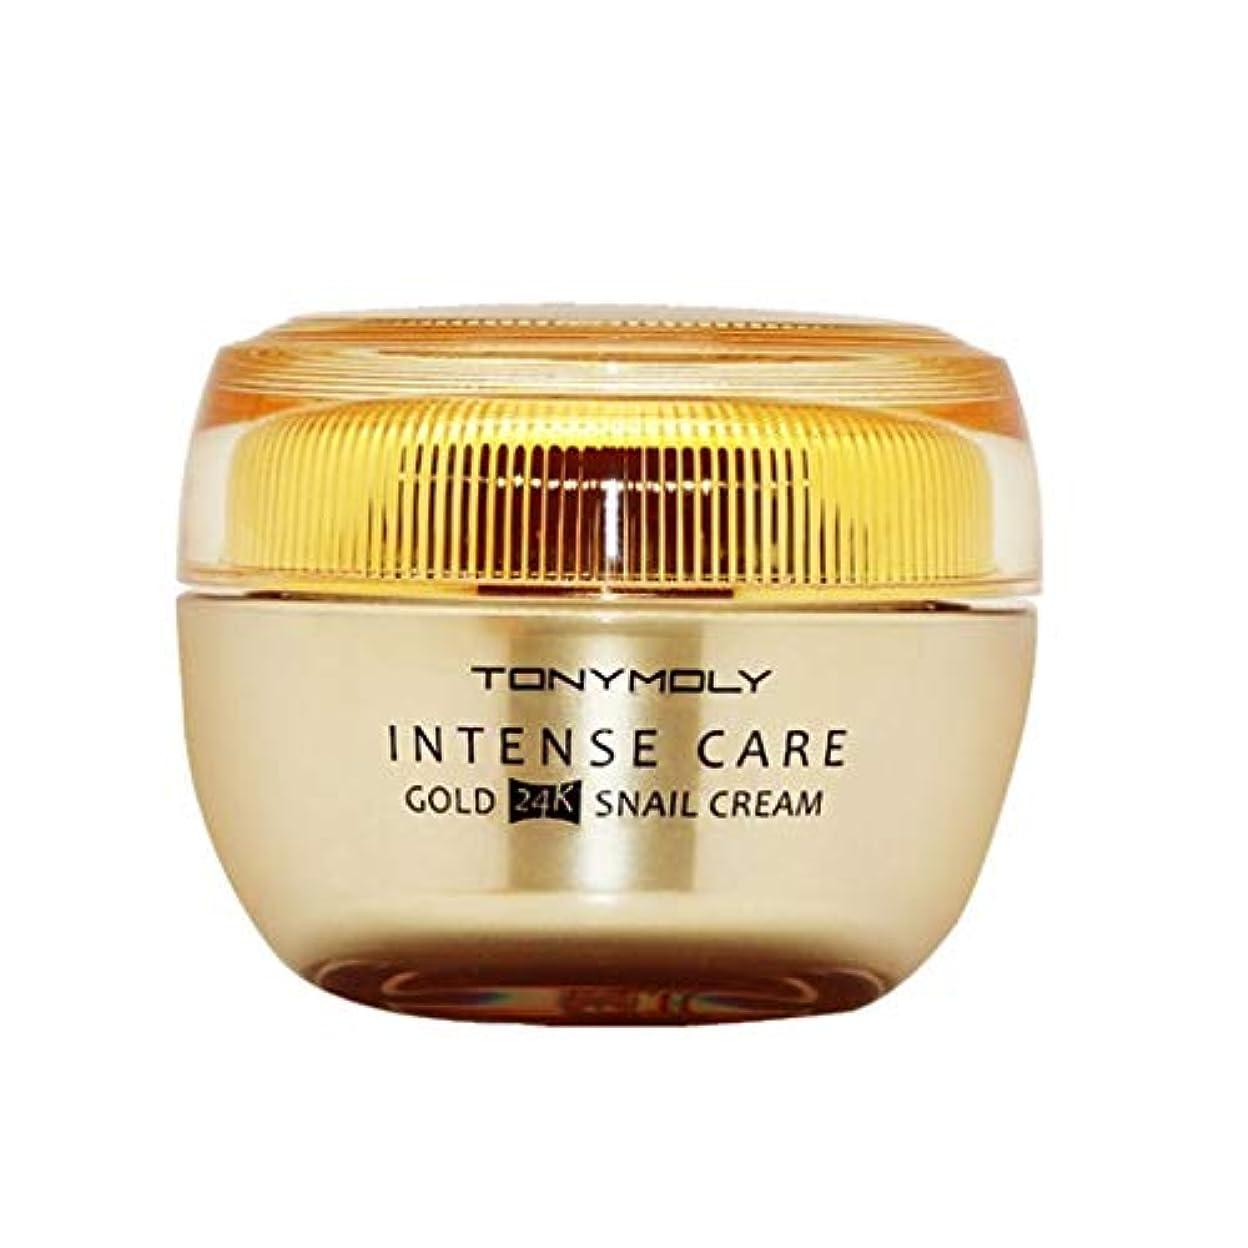 性的野心フラグラントトニーモリーインテンスケアゴールド24Kスネールクリーム45ml x 2本セット美白、シワ改善クリーム、Tonymoly Intense Care Gold 24K Snail Cream 45ml x 2ea Set...